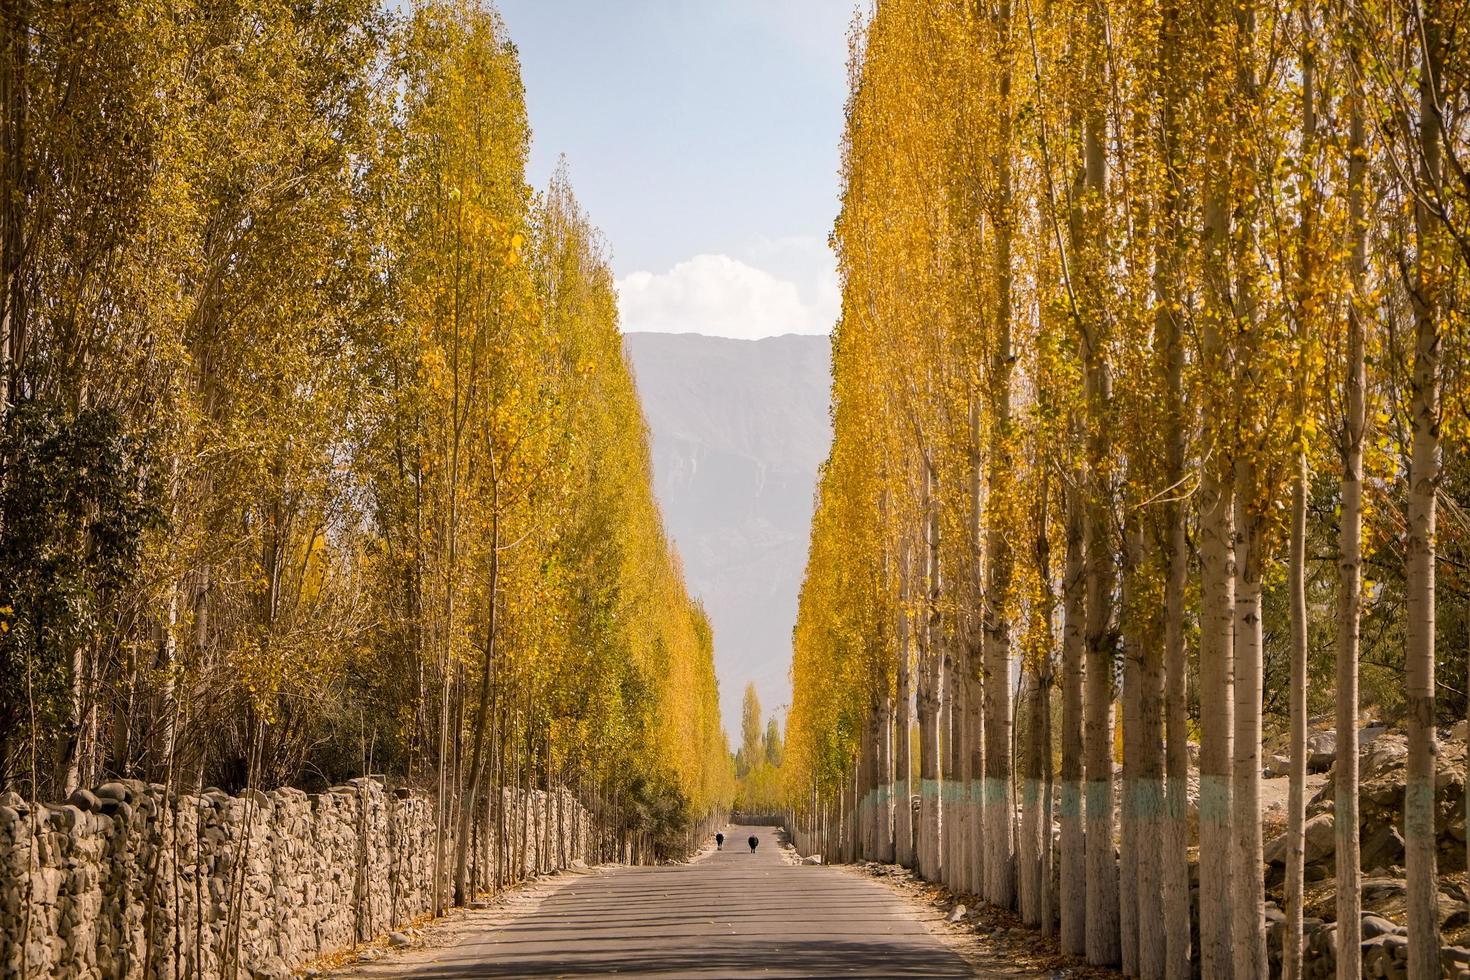 väg mot khaplu på hösten i ghowari by, Pakistan foto